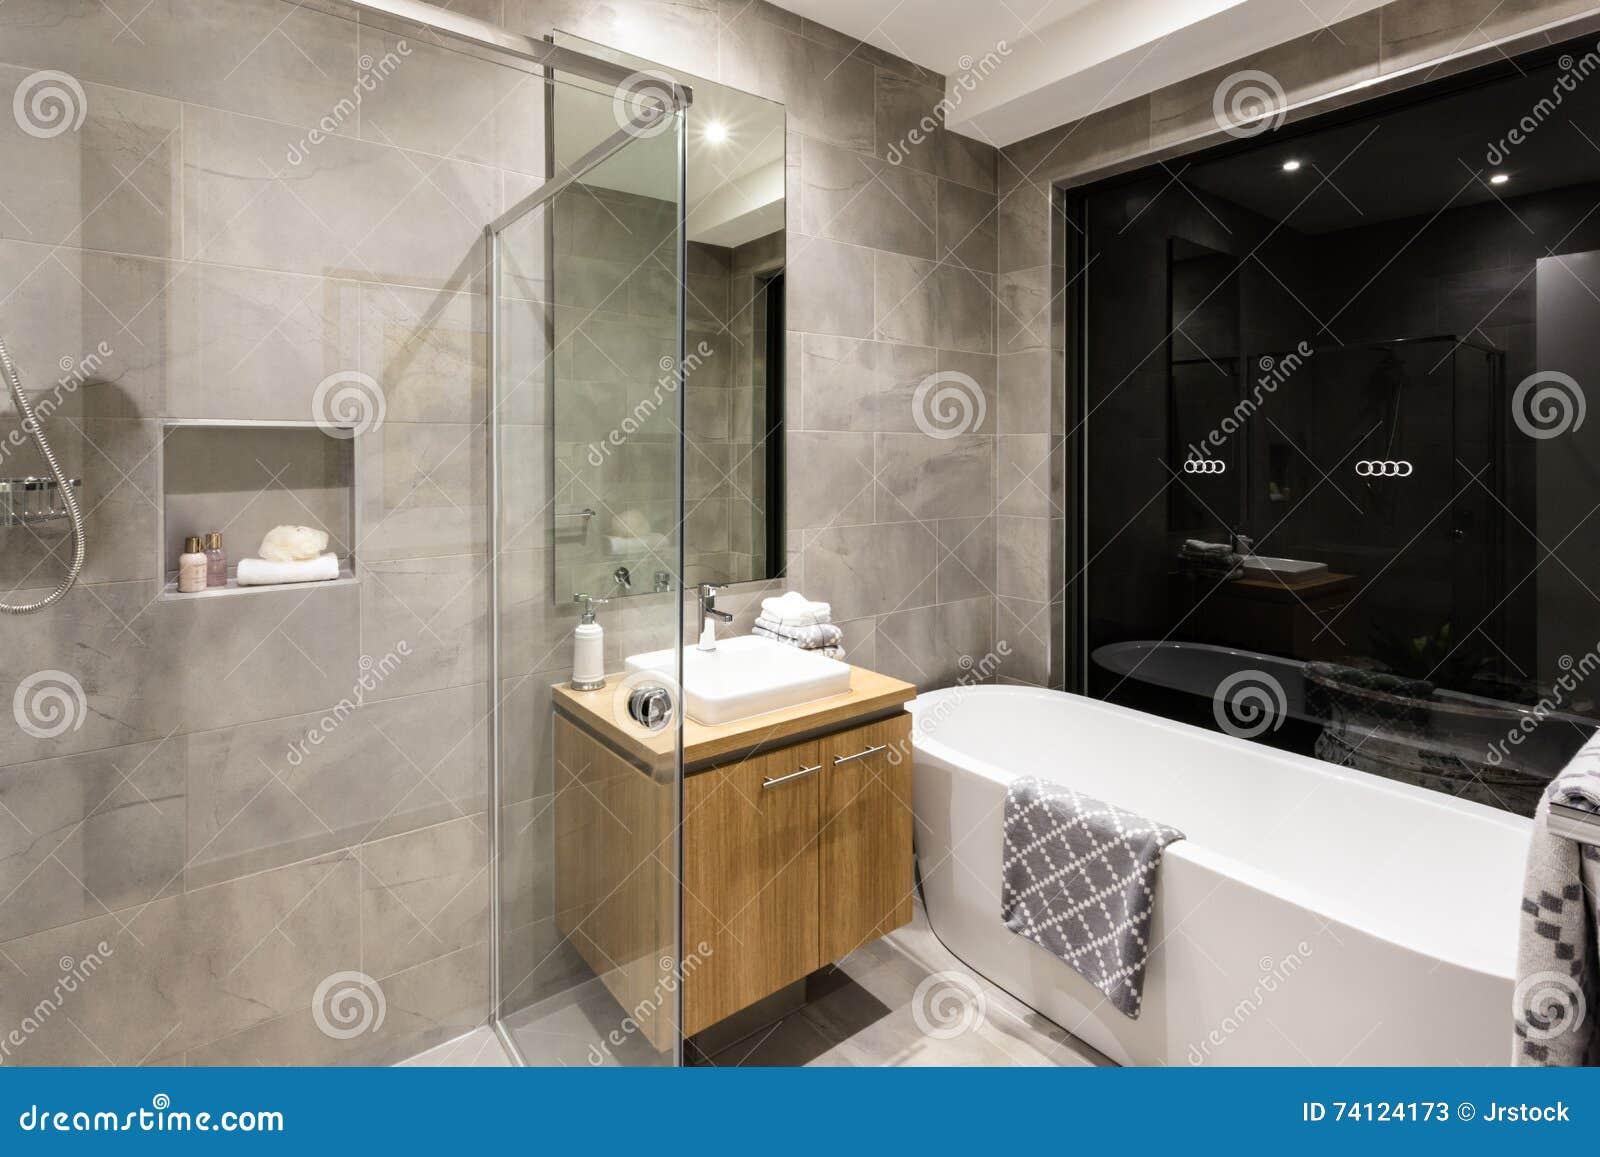 Salle De Bains Moderne Avec Une Douche Et Une Baignoire